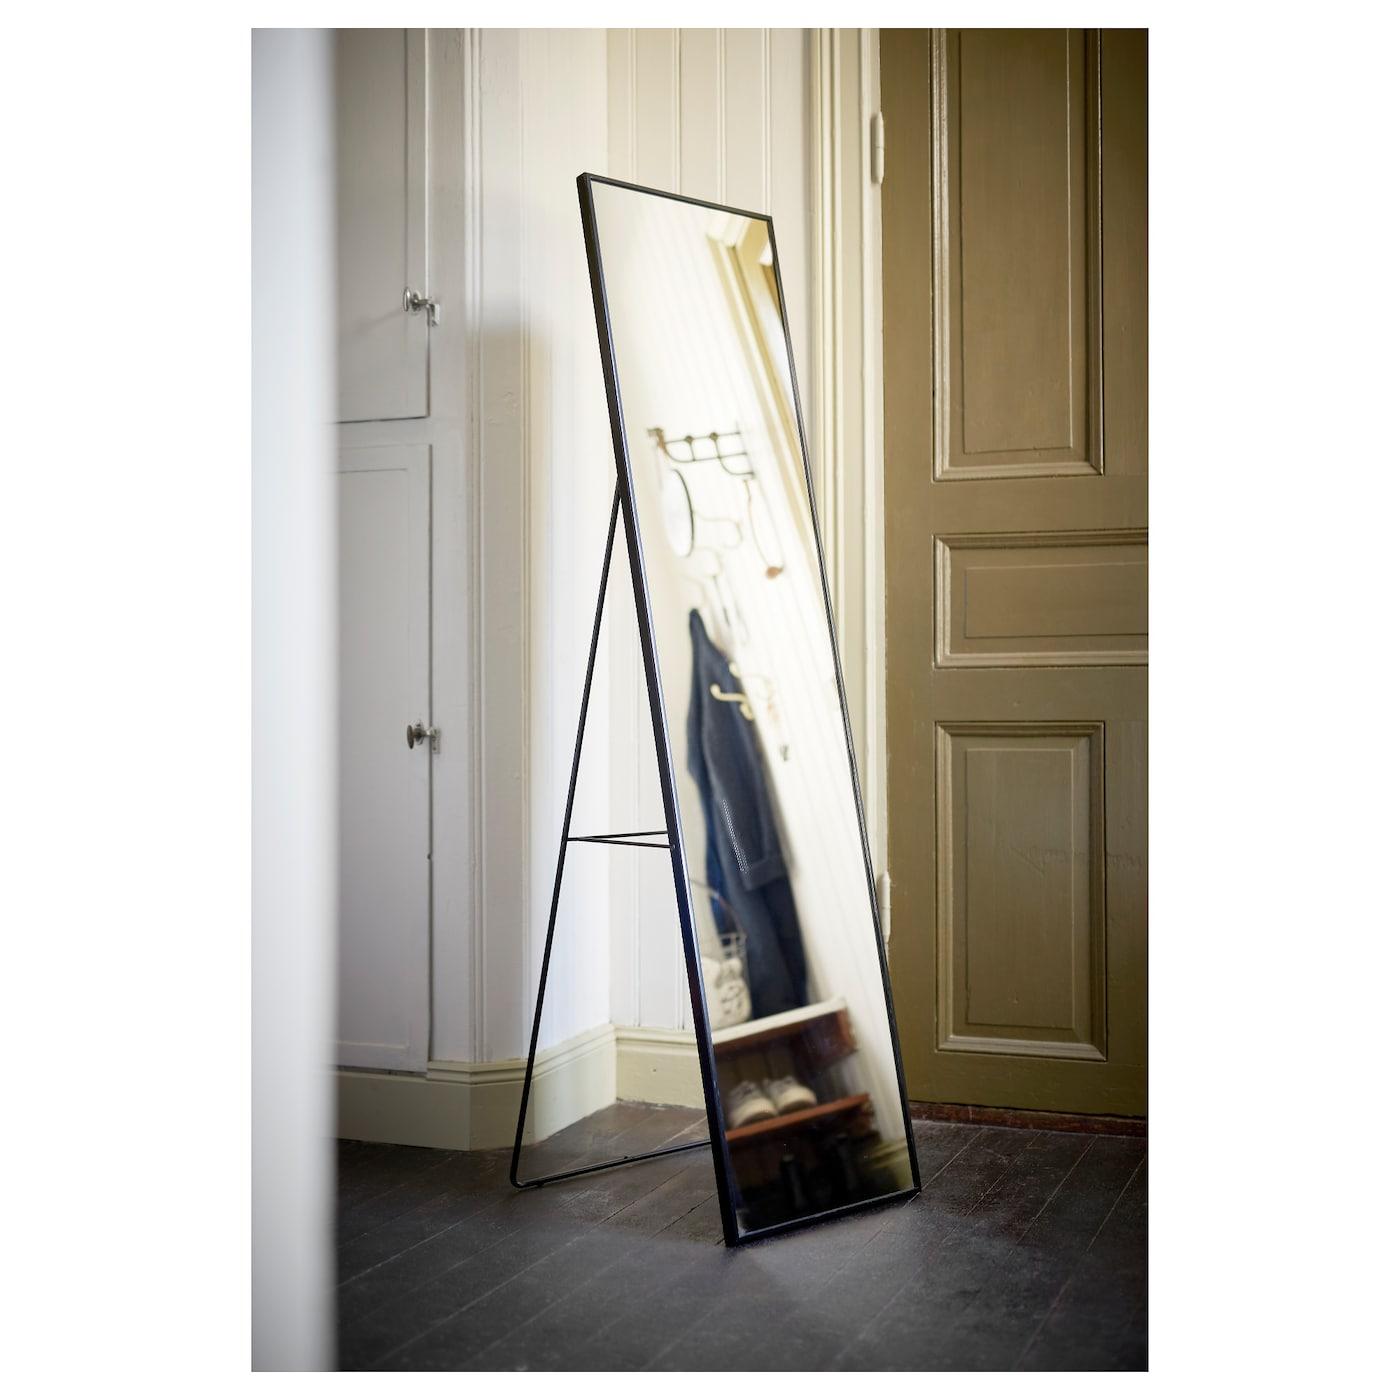 KARMSUND Standing mirror Black 40 x 167 cm - IKEA